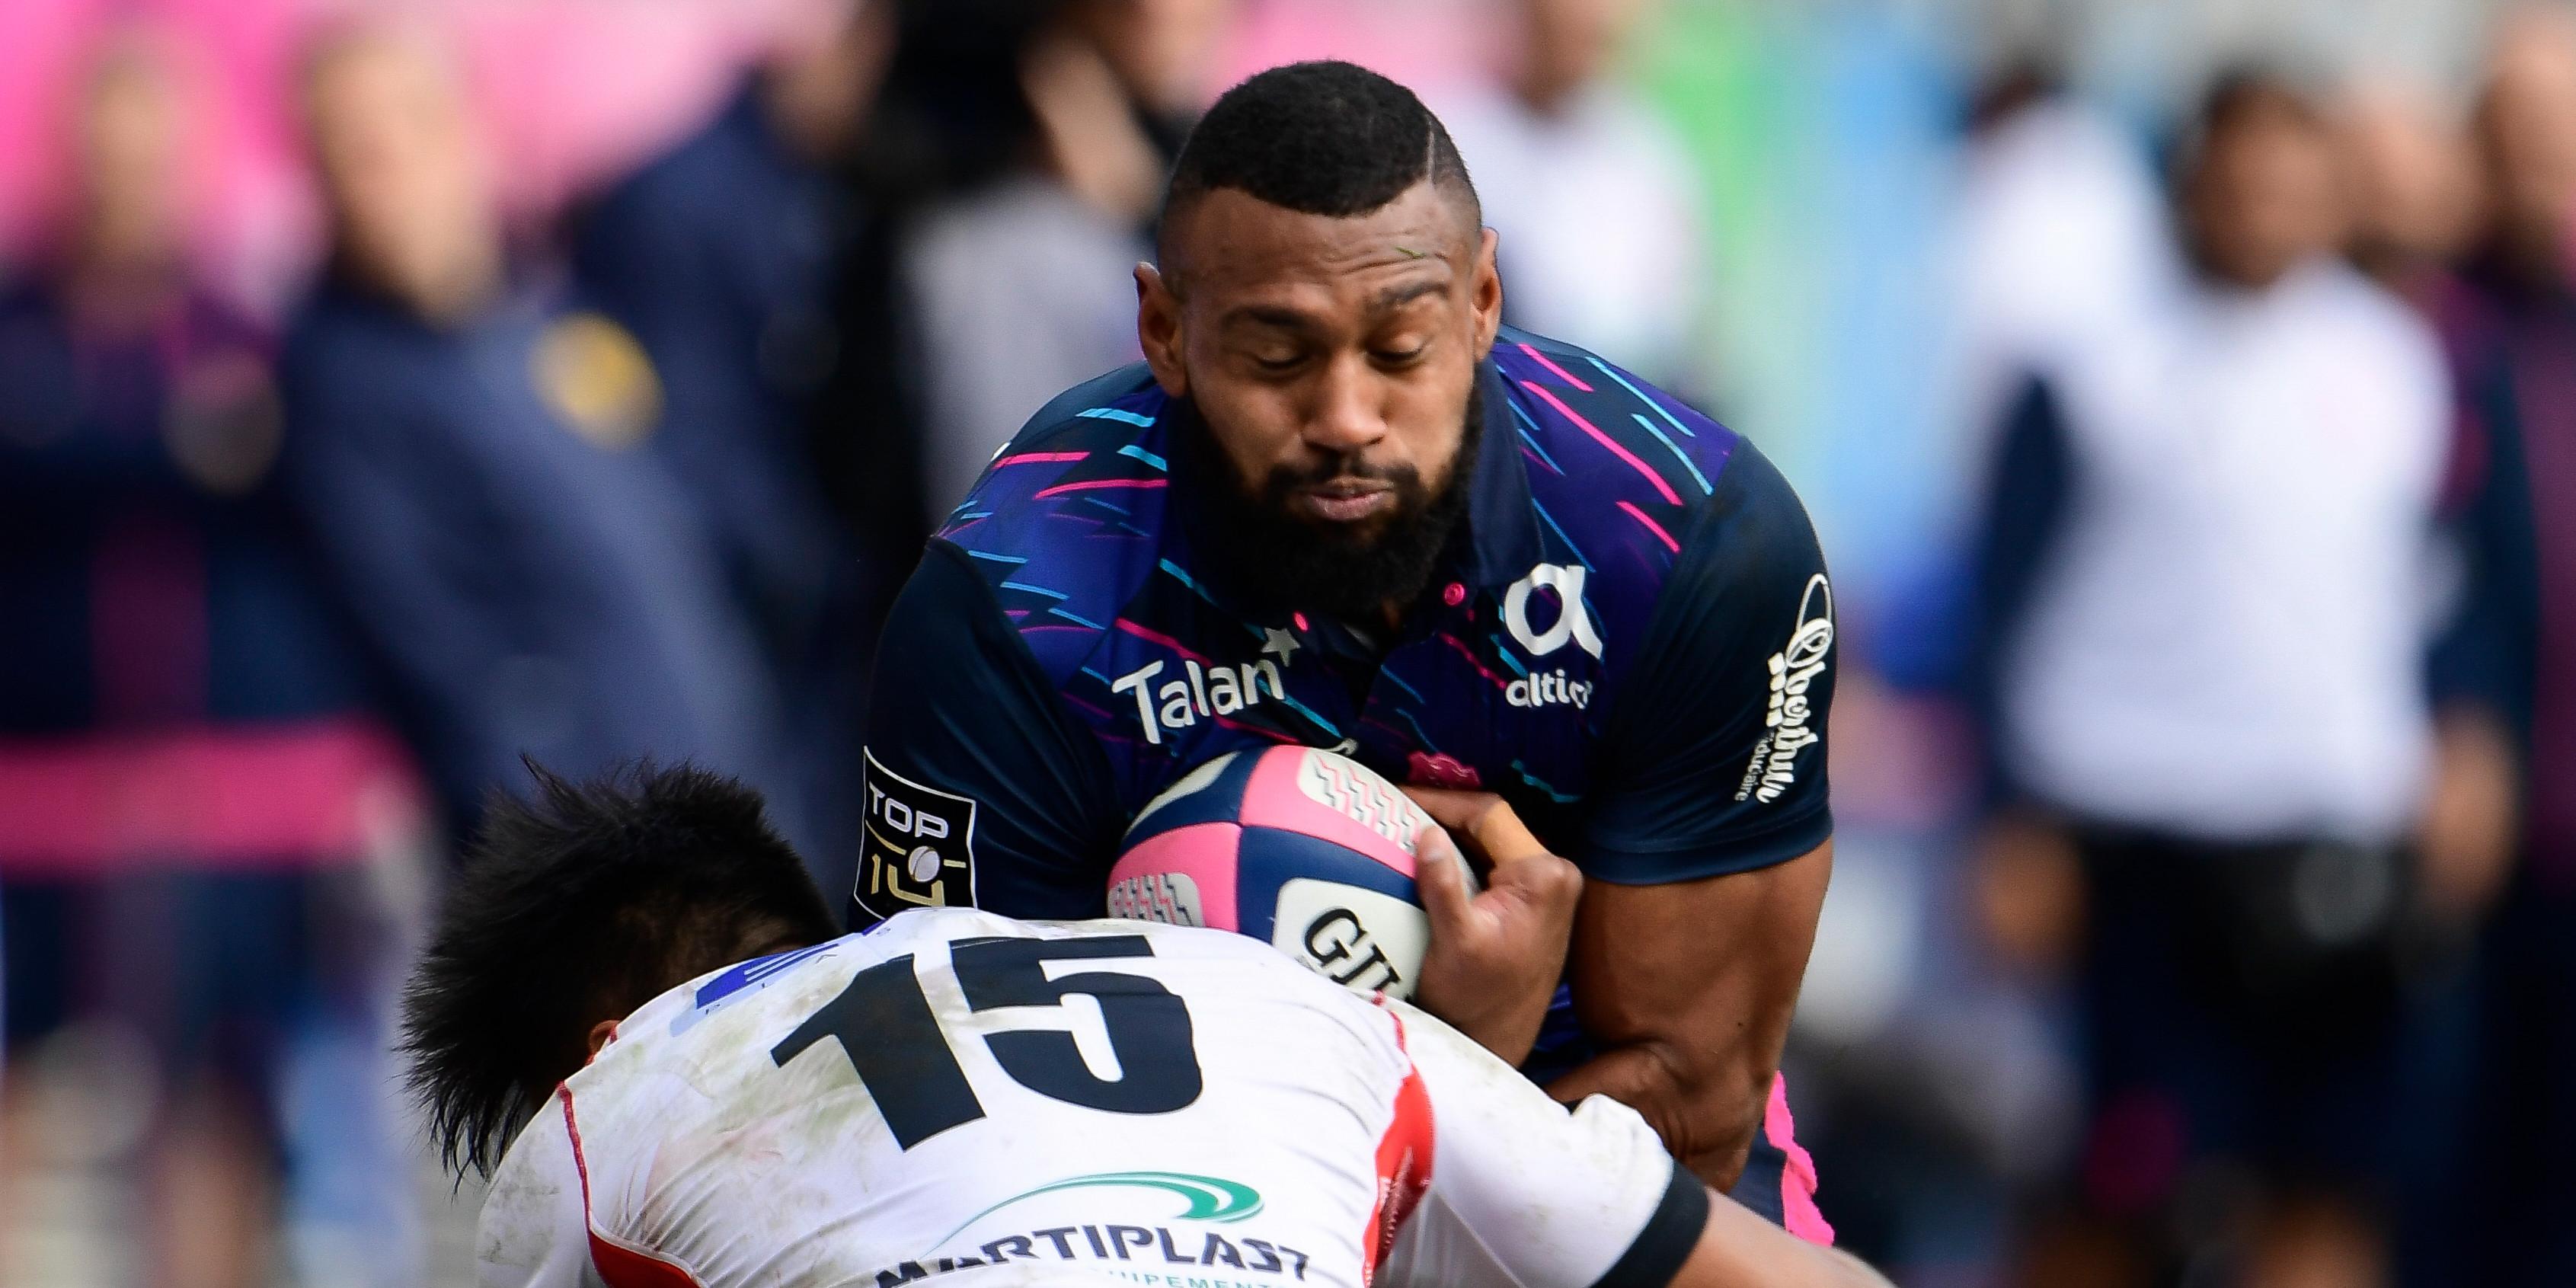 Coronavirus : le rugbyman Bakary Meité devient agent d'entretien à l'hôpital le temps de la crise